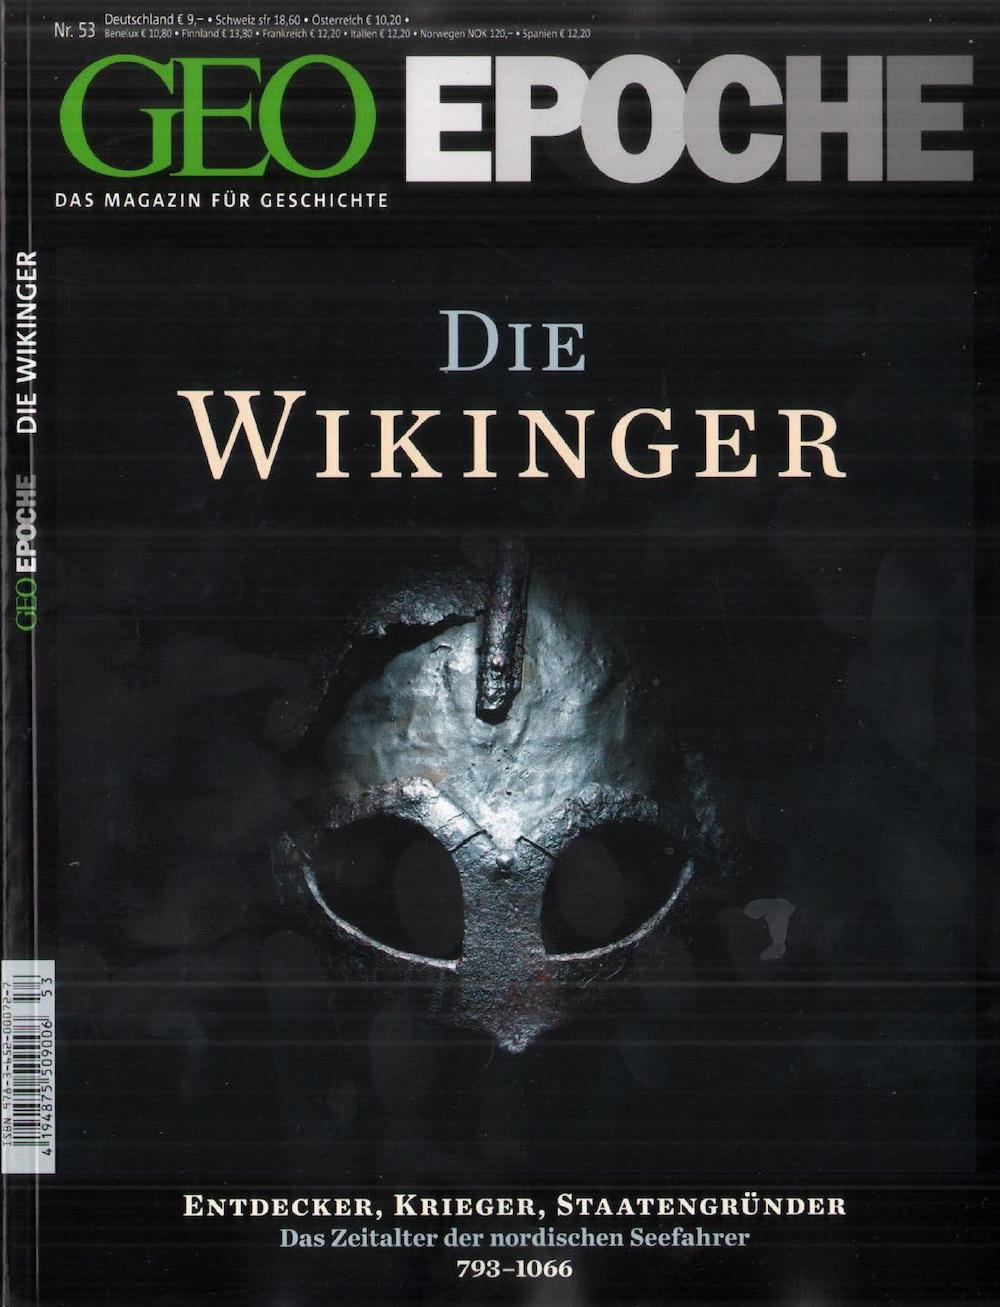 GEO Epoche 2012-53 Die Wikinger